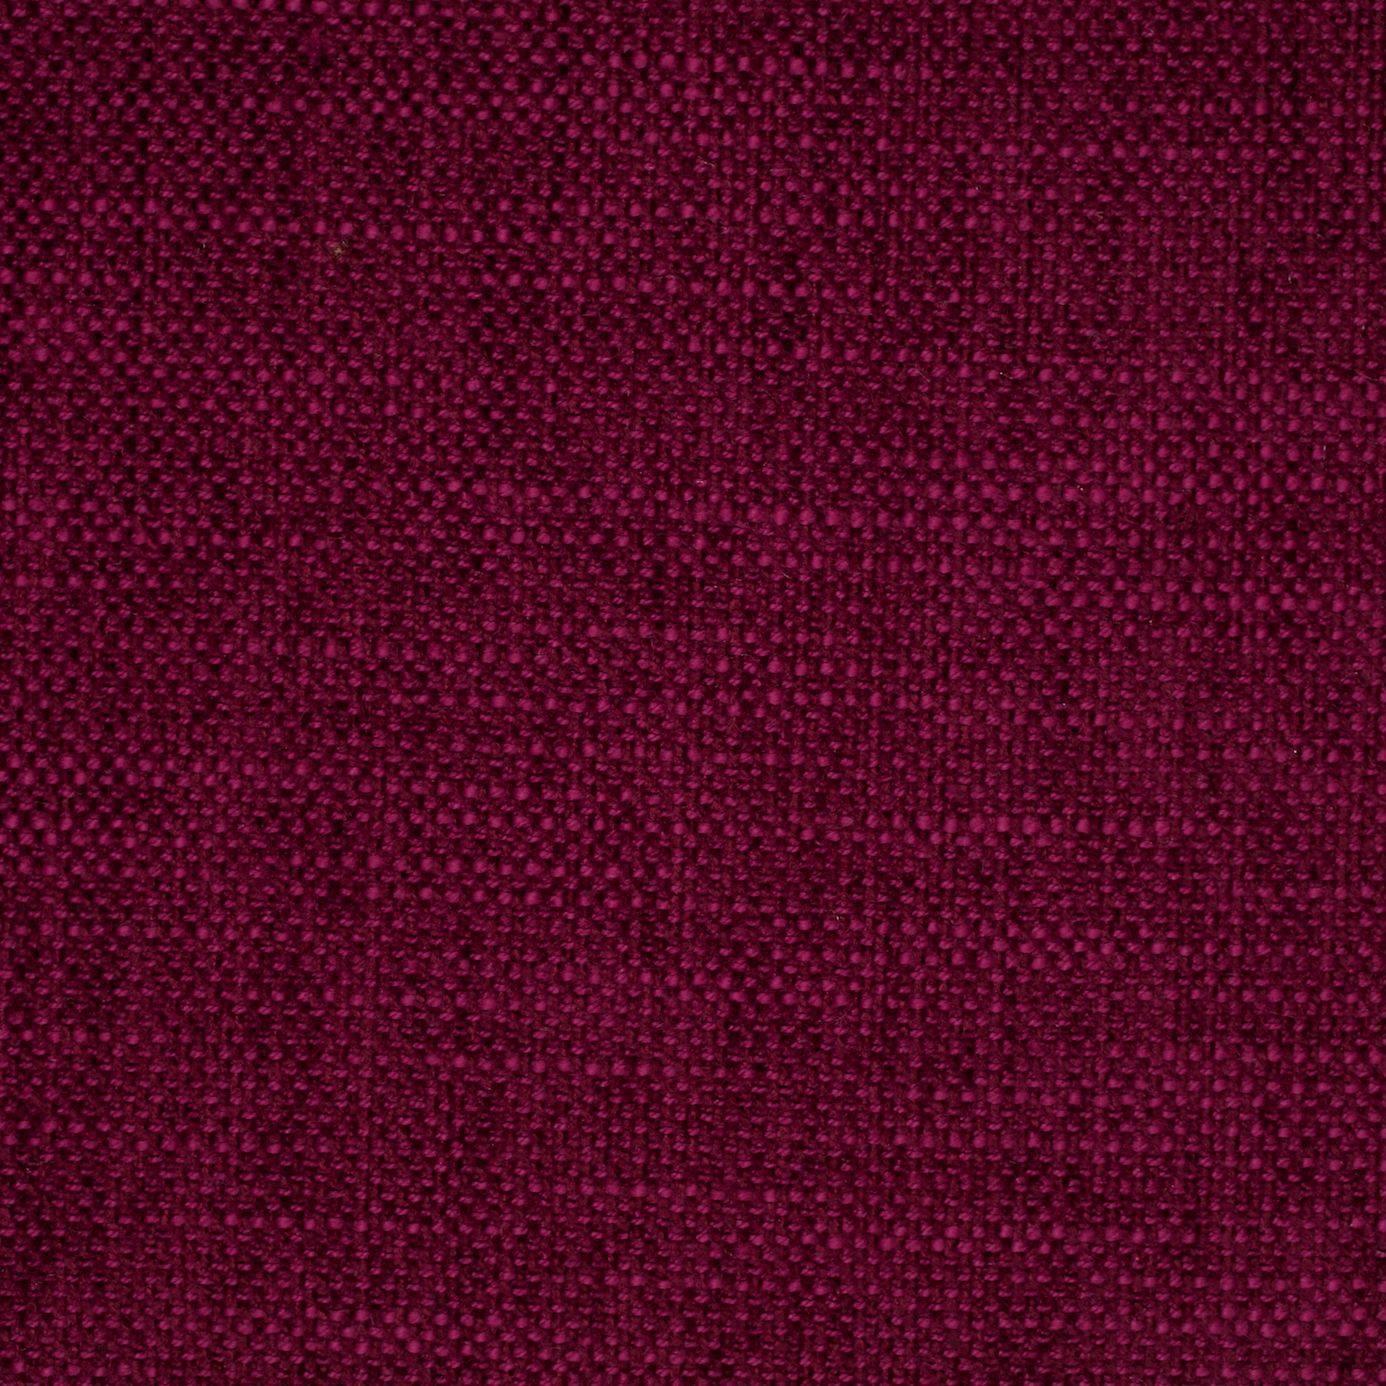 Allegra fabric bordeaux 9675 harlequin allegra for Fabrics and materials